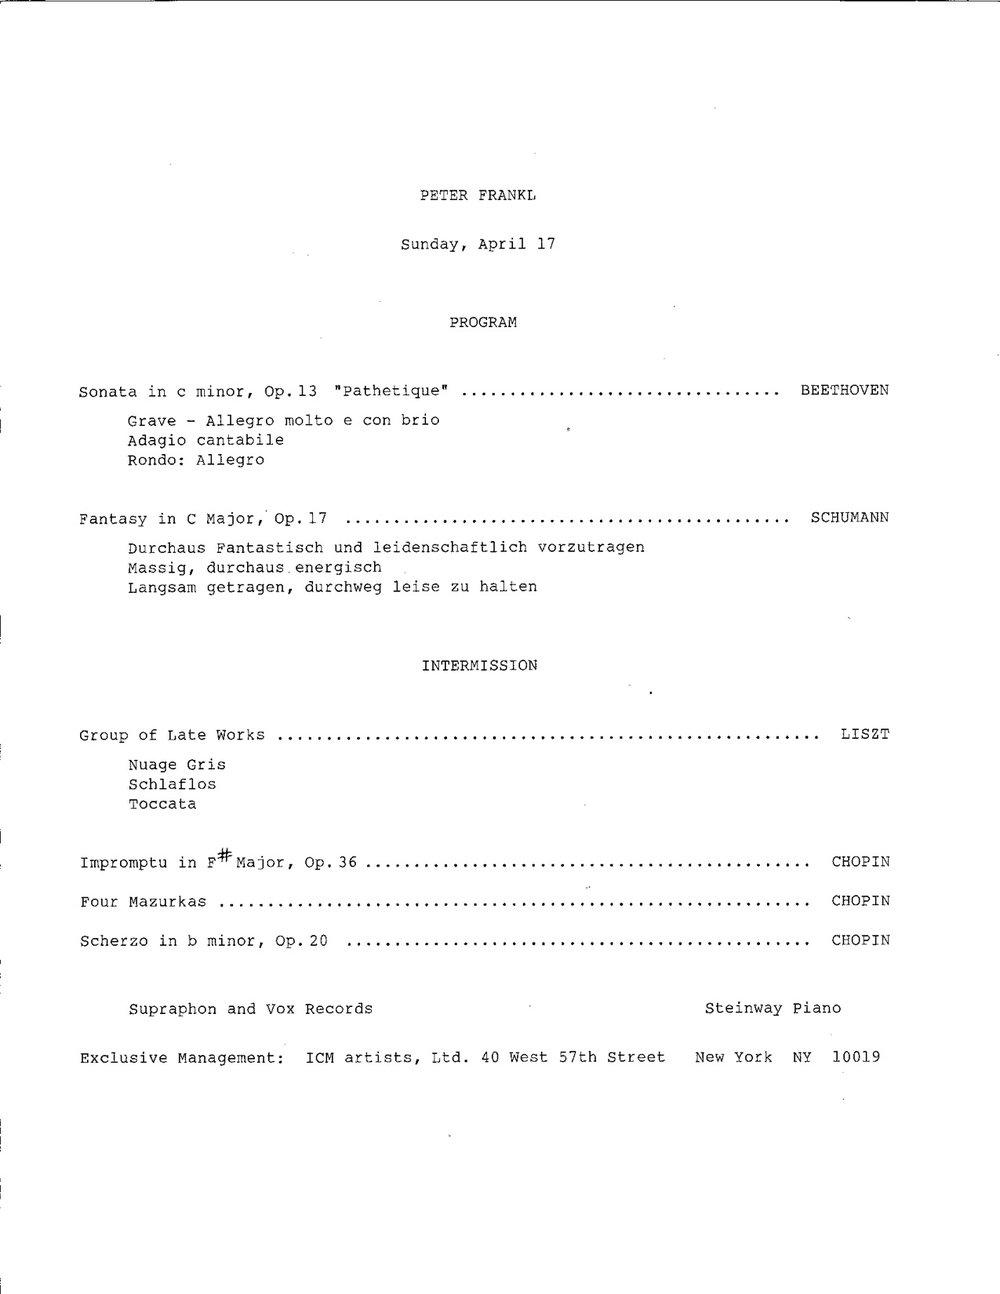 Frankl87-88_Program2.jpg